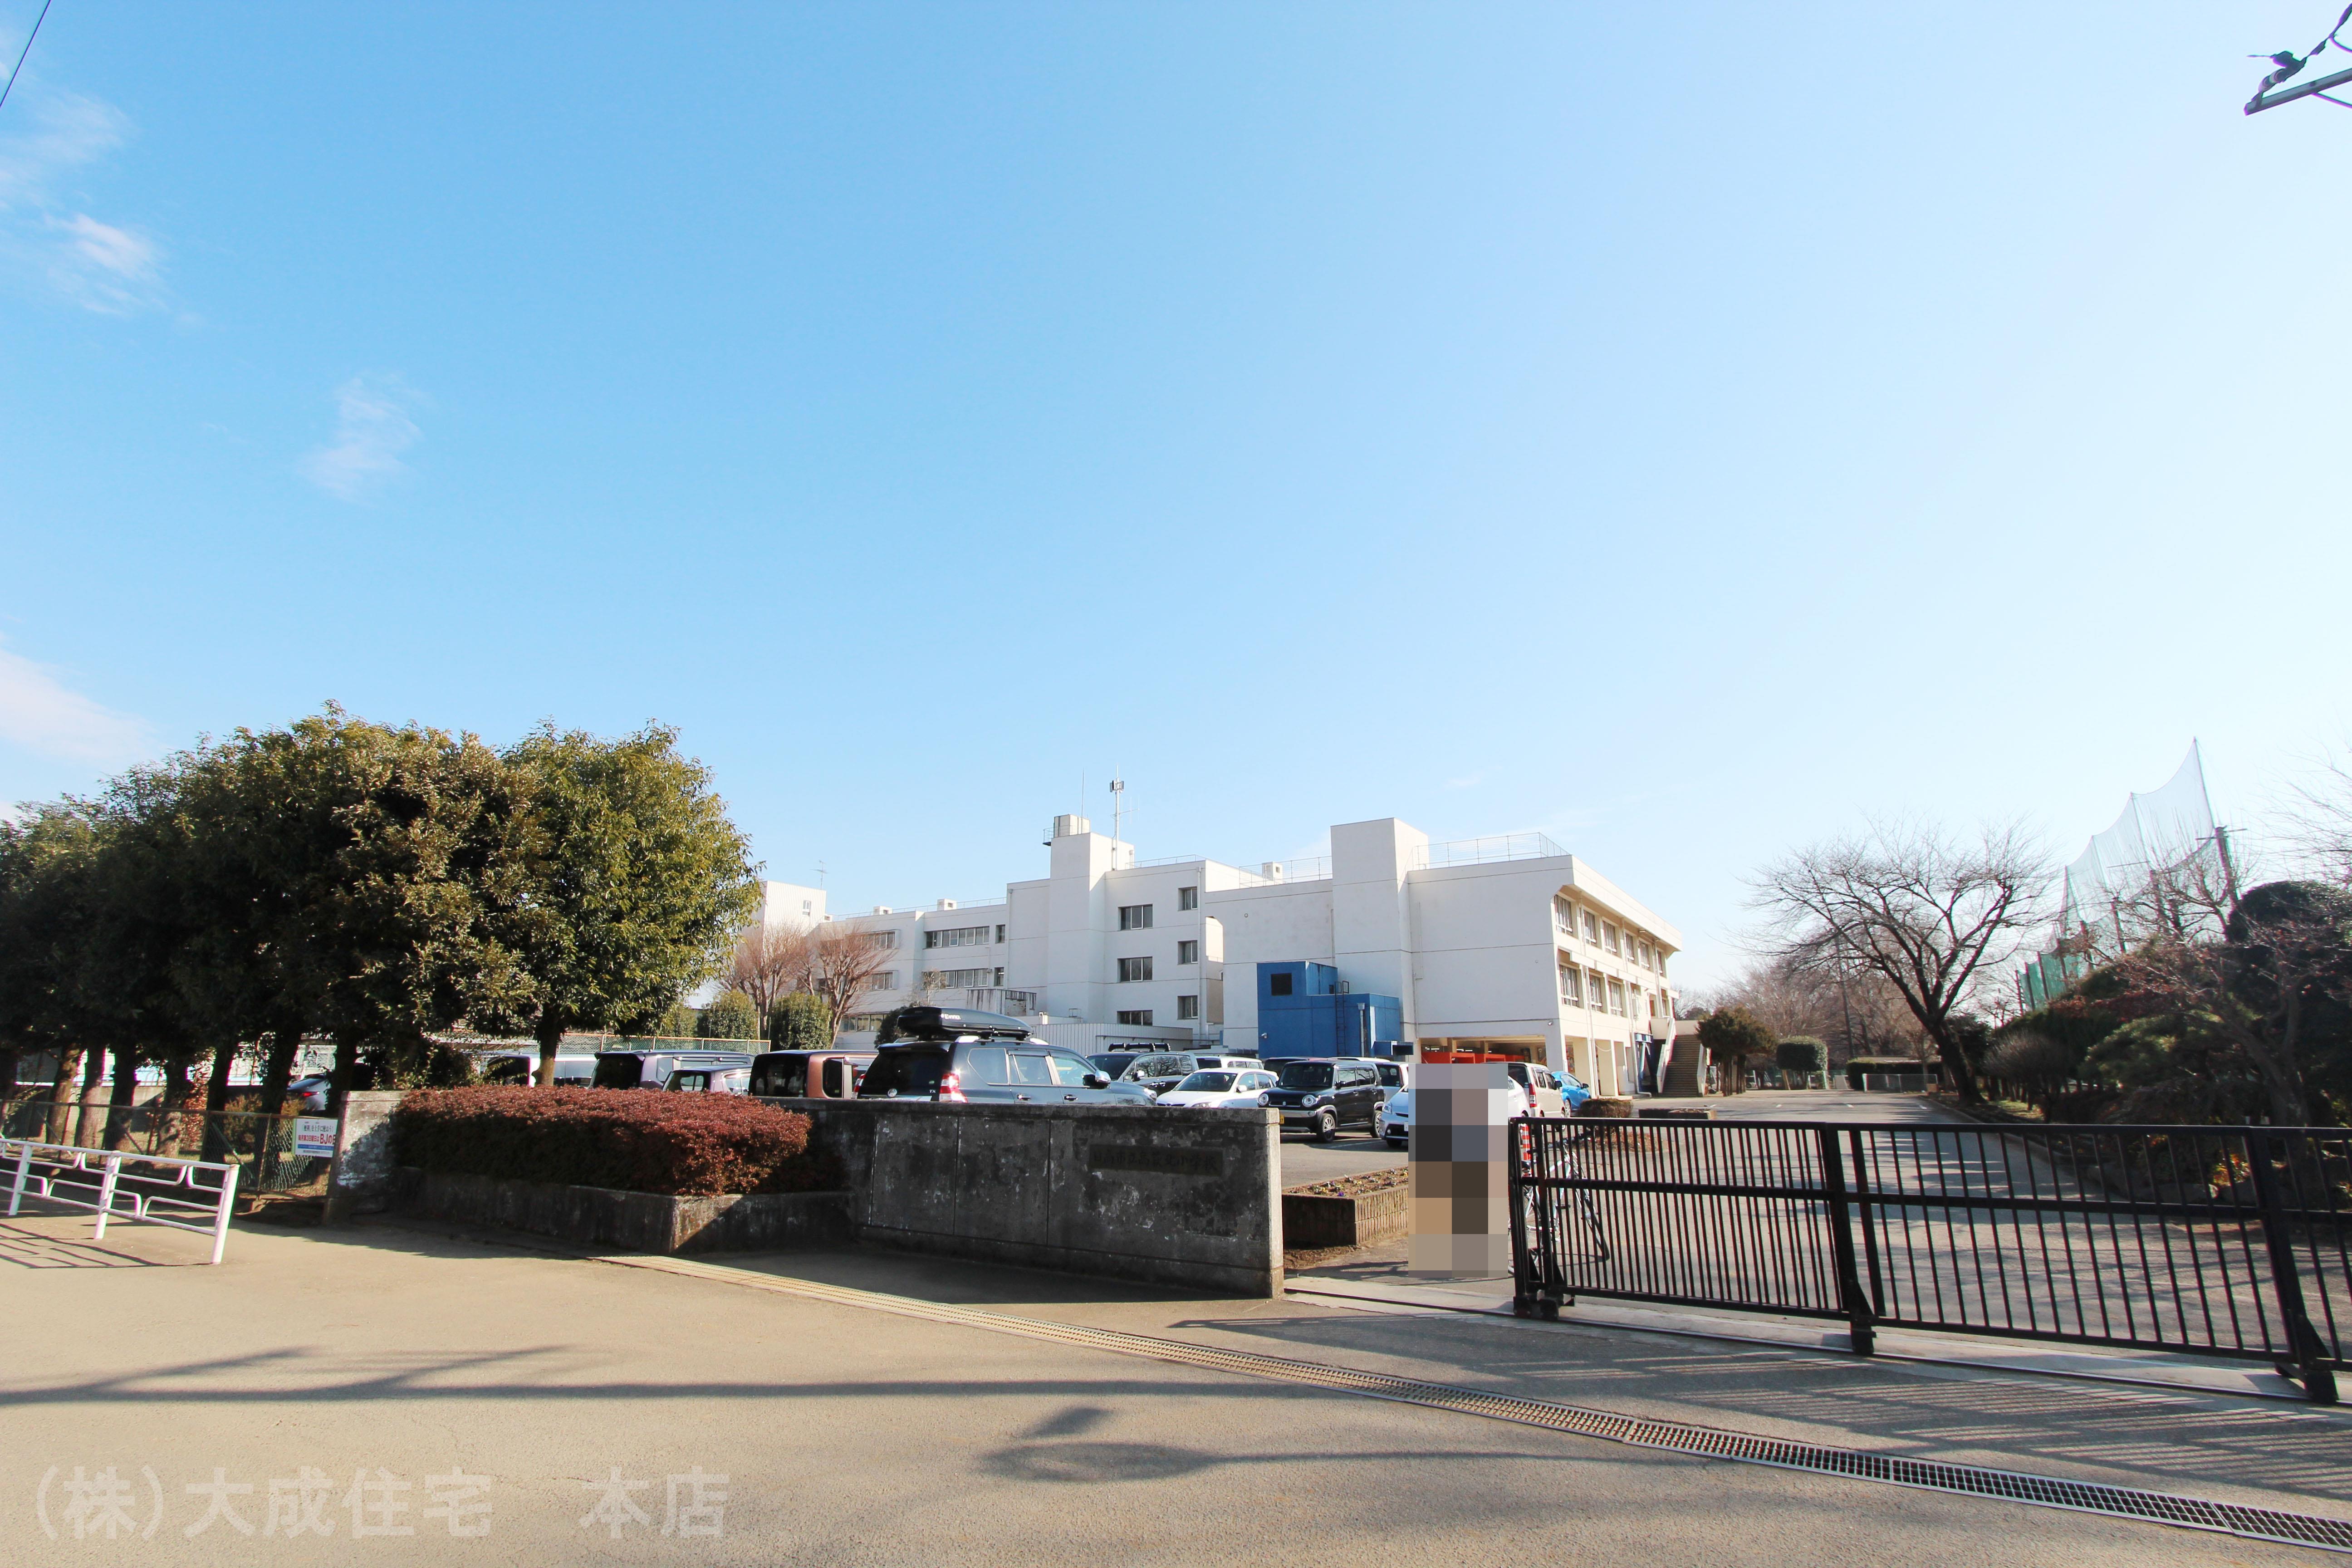 小学校(1300m)-日高市立高萩北小学校(教育目標は「想像力豊かな児童の育成と創造力溢れる学校づくり」です。)